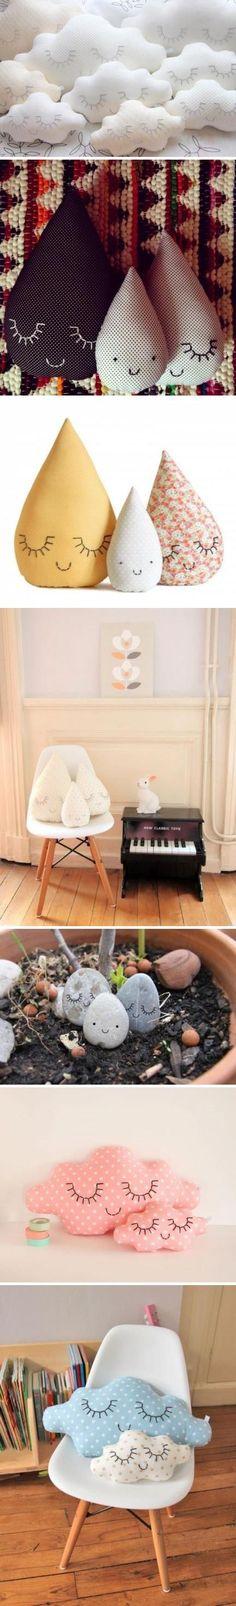 弯弯的睫毛,手工抱枕。简单的创意缝制,让抱枕更加萌趣。(图片转自:万椅网 http://www.w-yi.com/album)